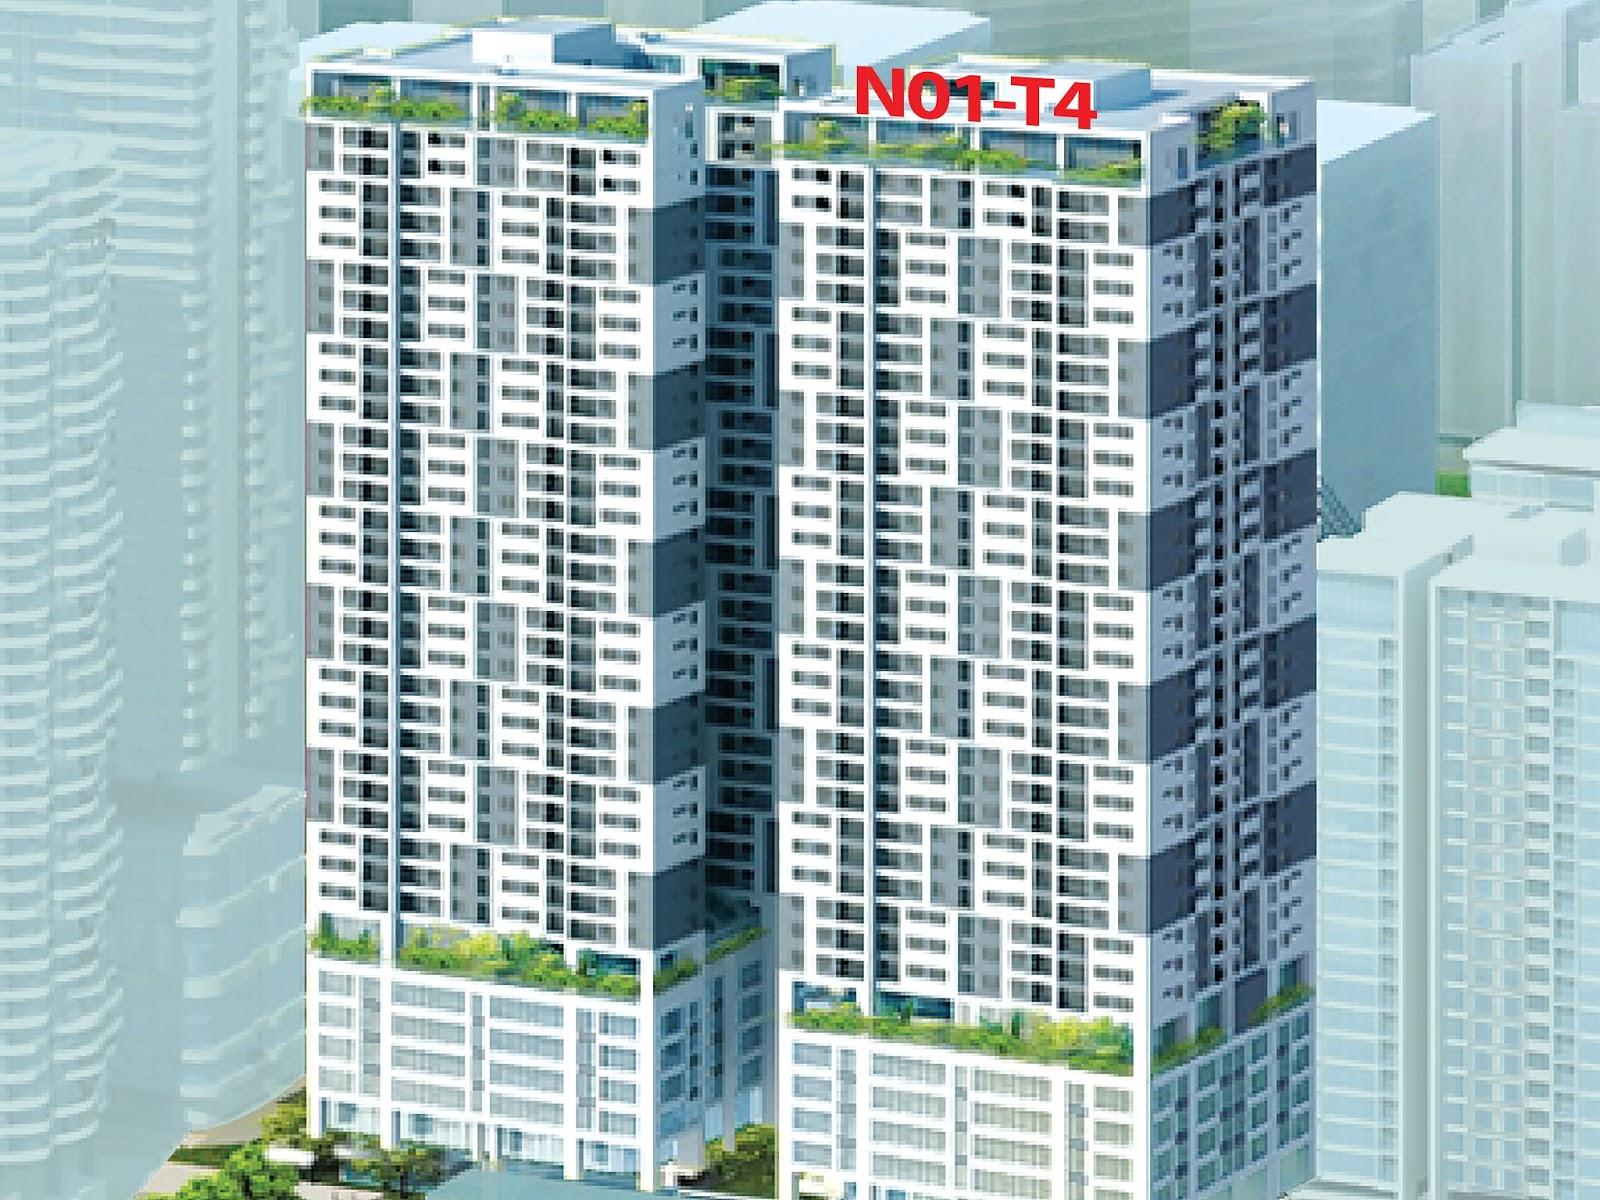 Chung cư Phú Mỹ Complex - Điểm nổi bật của thị trường BĐS 2016